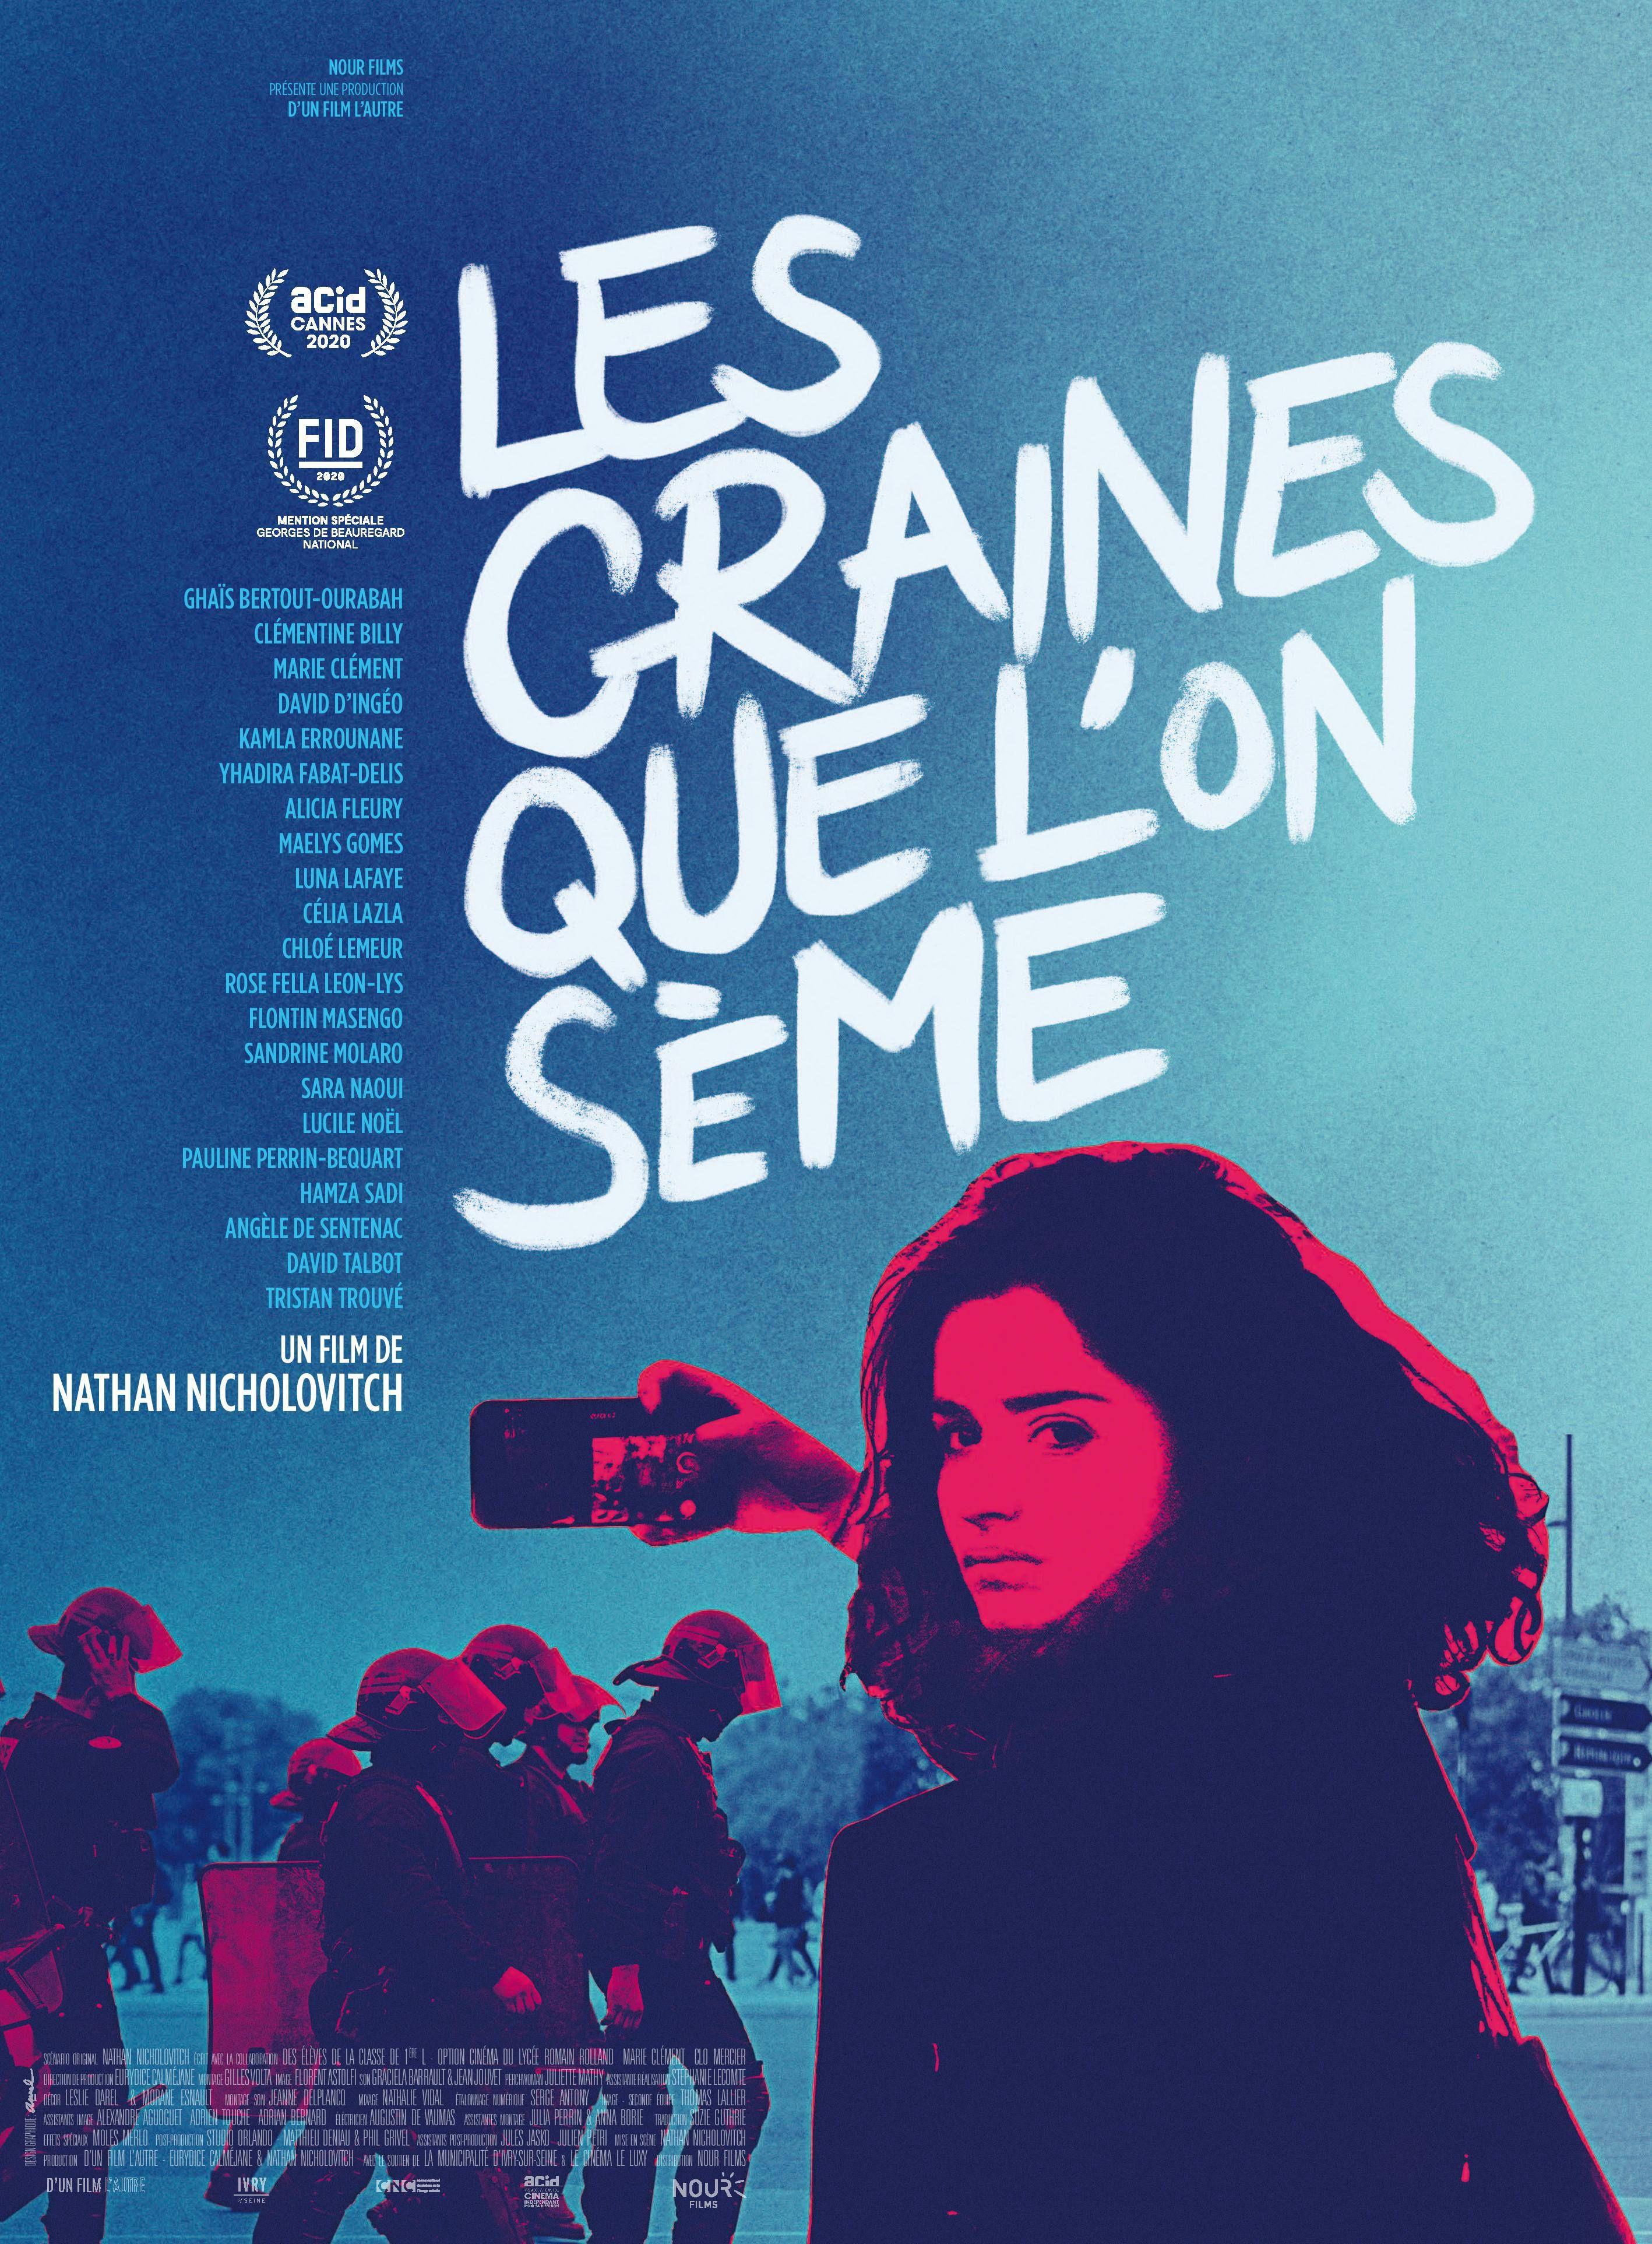 Les Graines que l'on sème - Documentaire (2021)